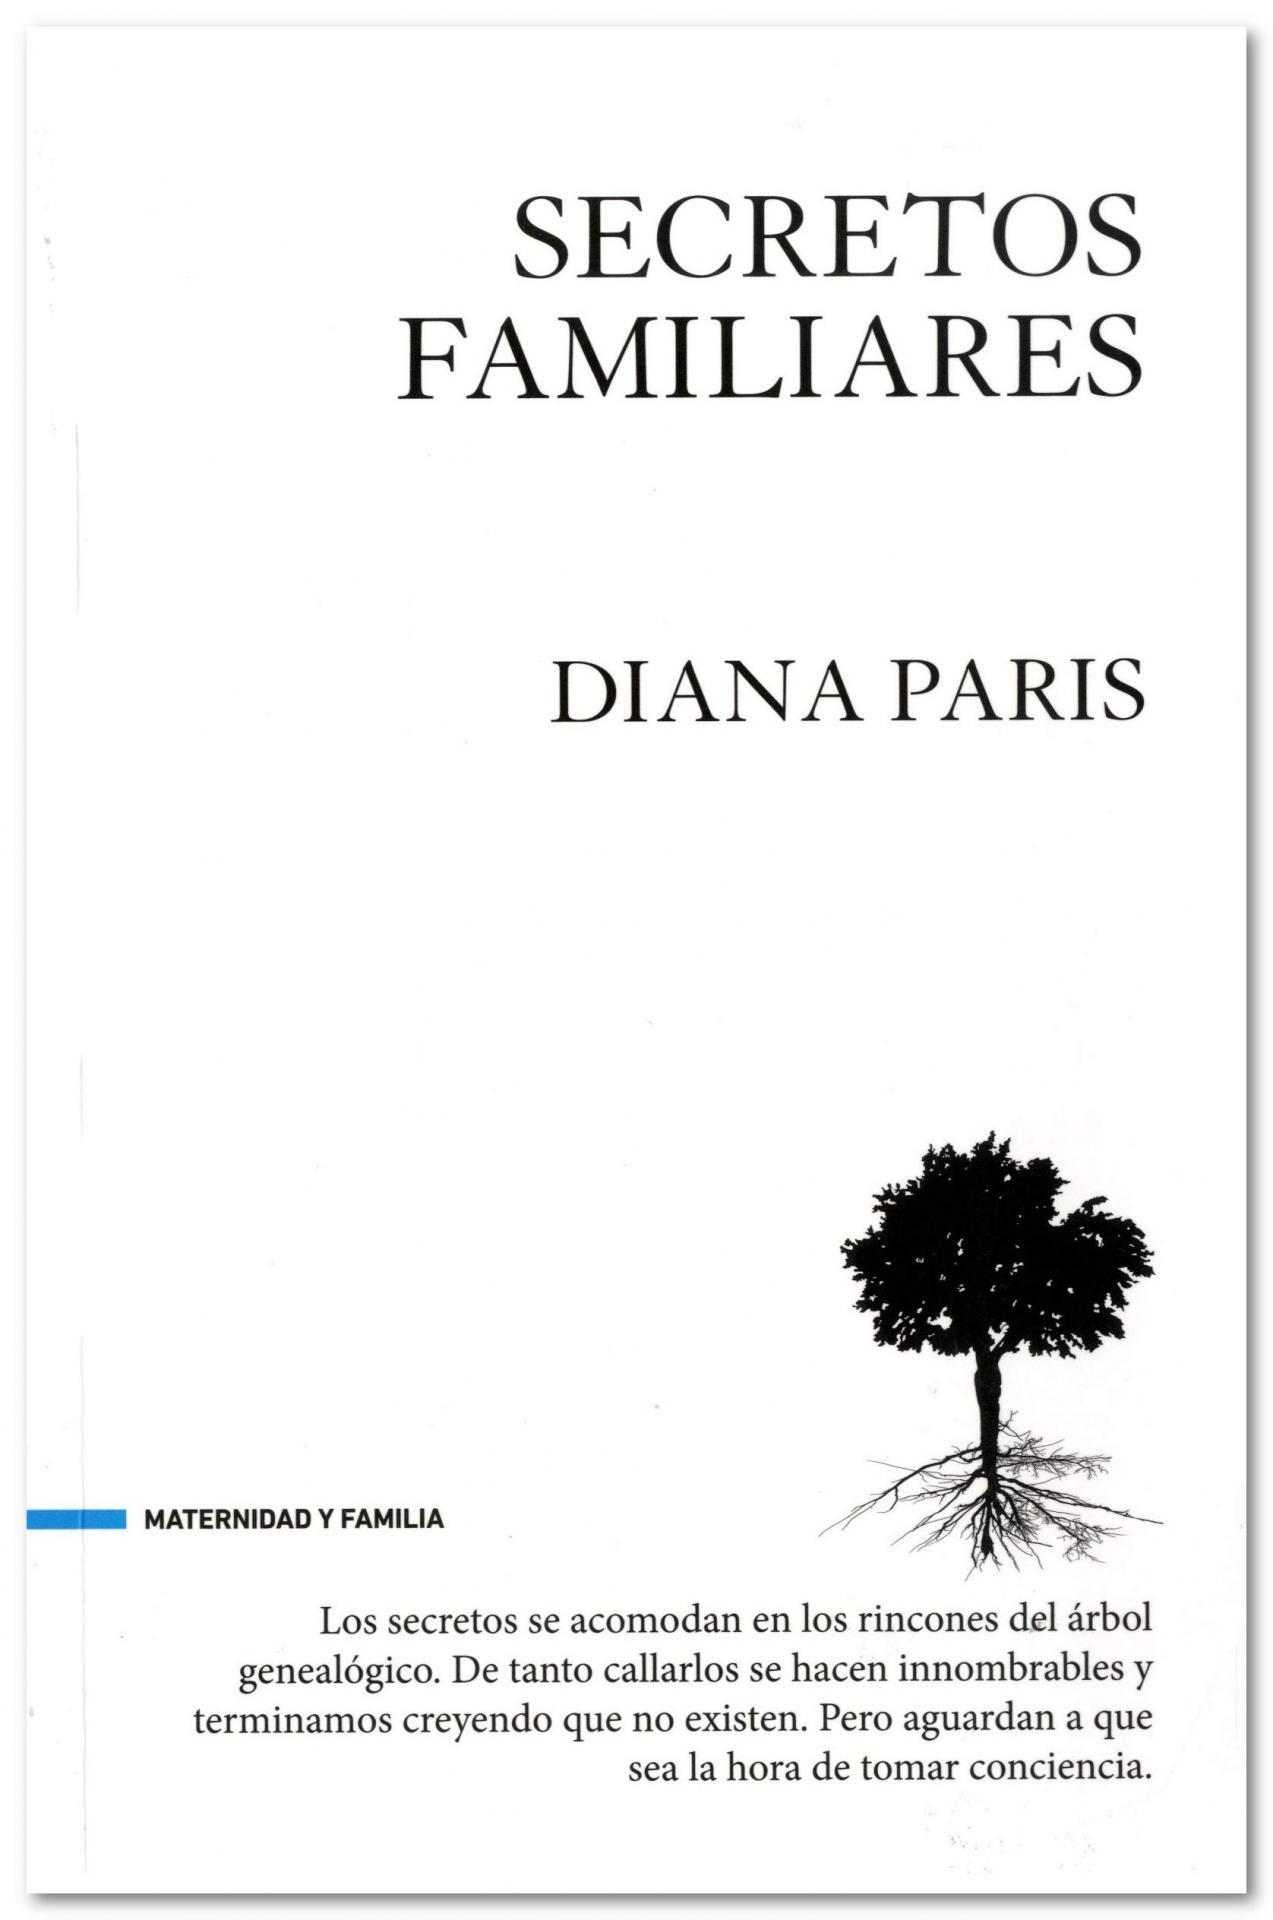 Secretos familiares, Diana Paris